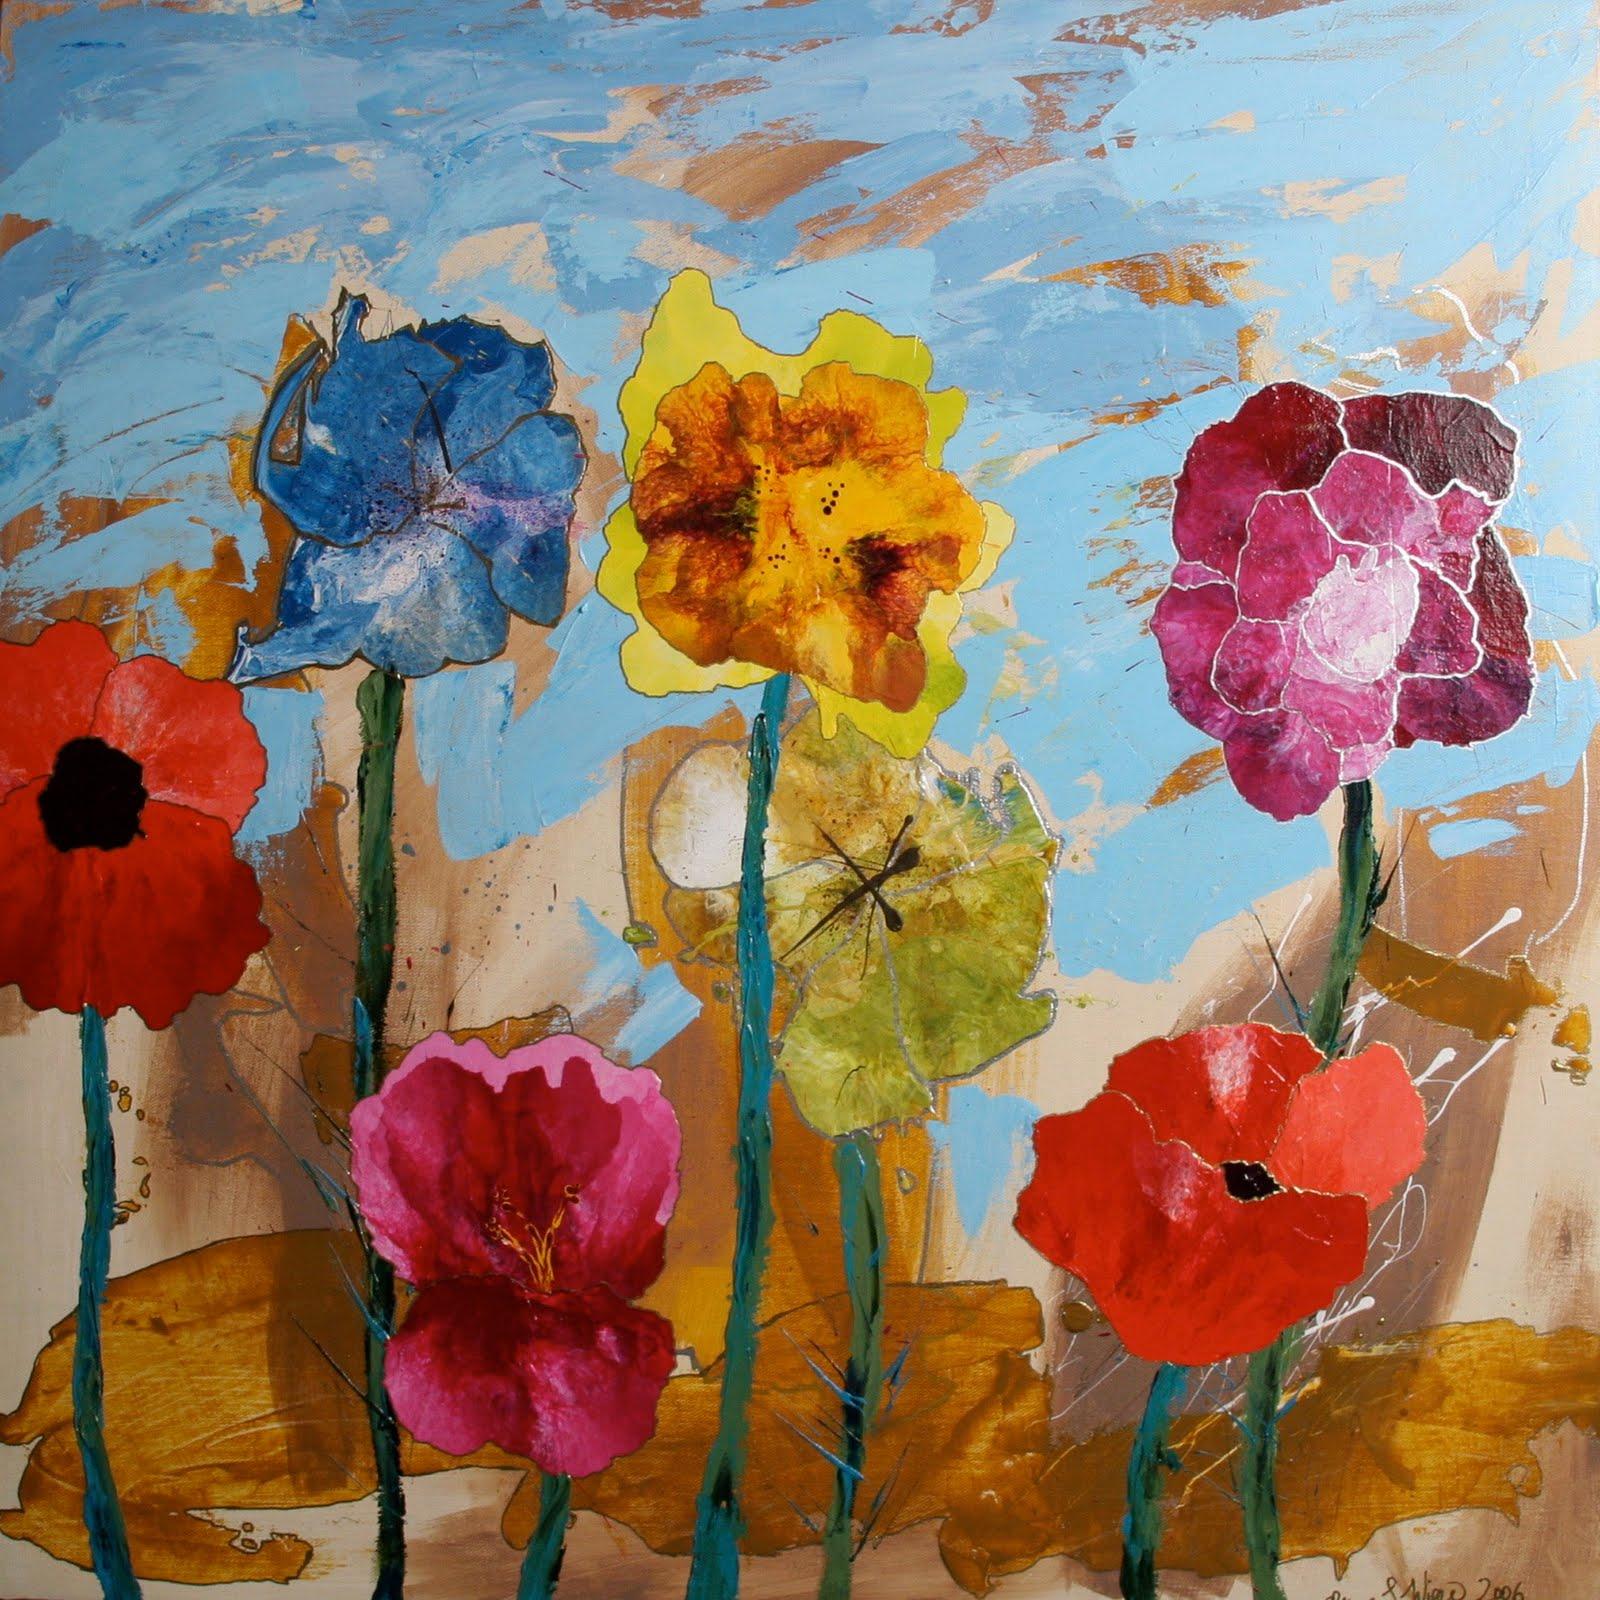 Acrylic Paintings by Ryan Wiese: Flower Paintings